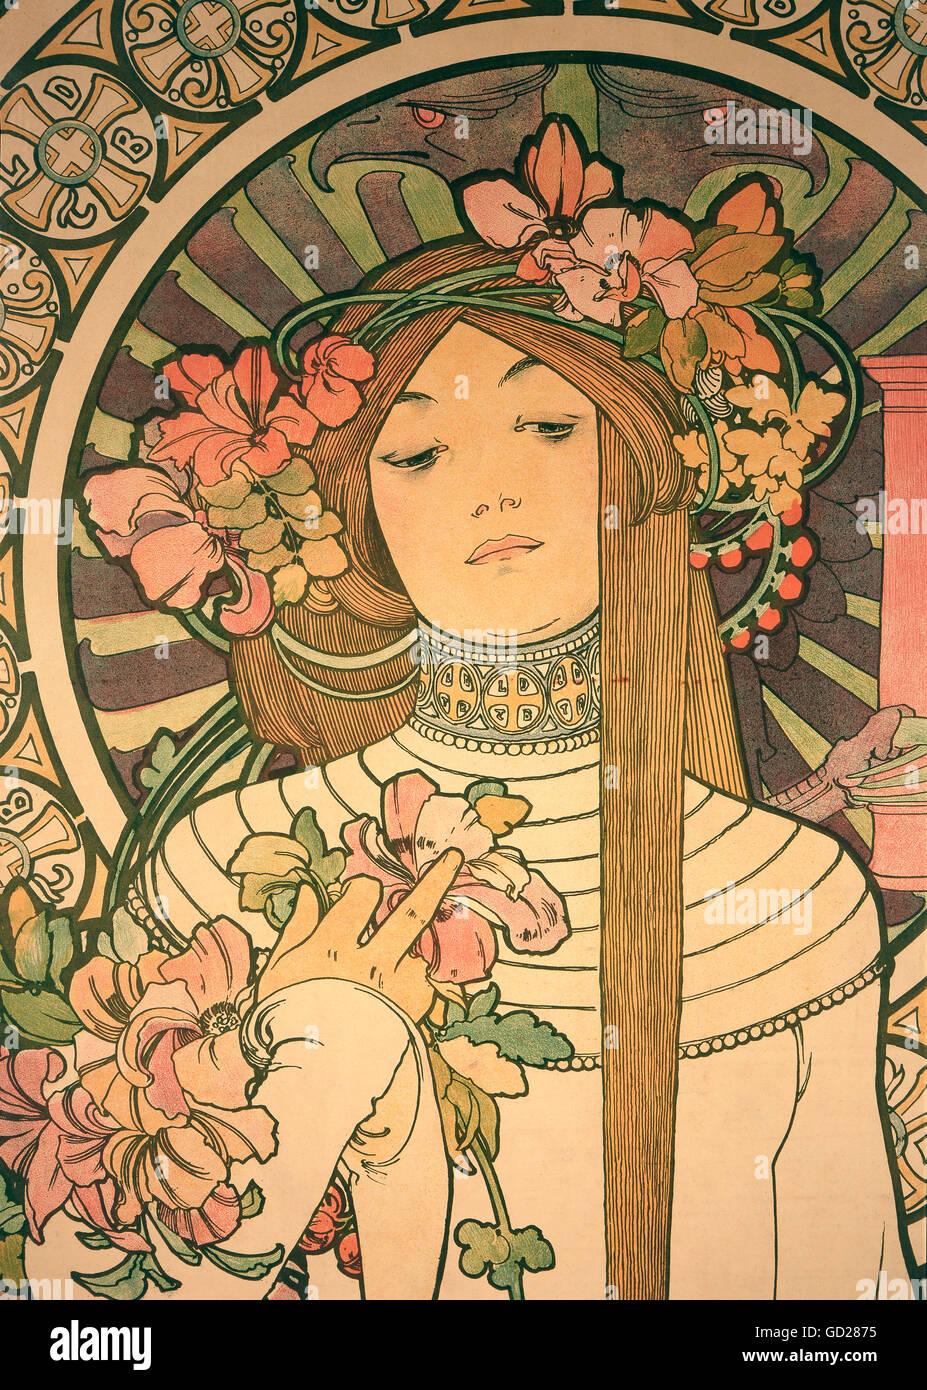 """Bildende Kunst, Mucha, Alphonse (1860 - 1939), Poster, Plakat für 'La Trappistine """"Likör, farblithographie, Paris, Stockfoto"""